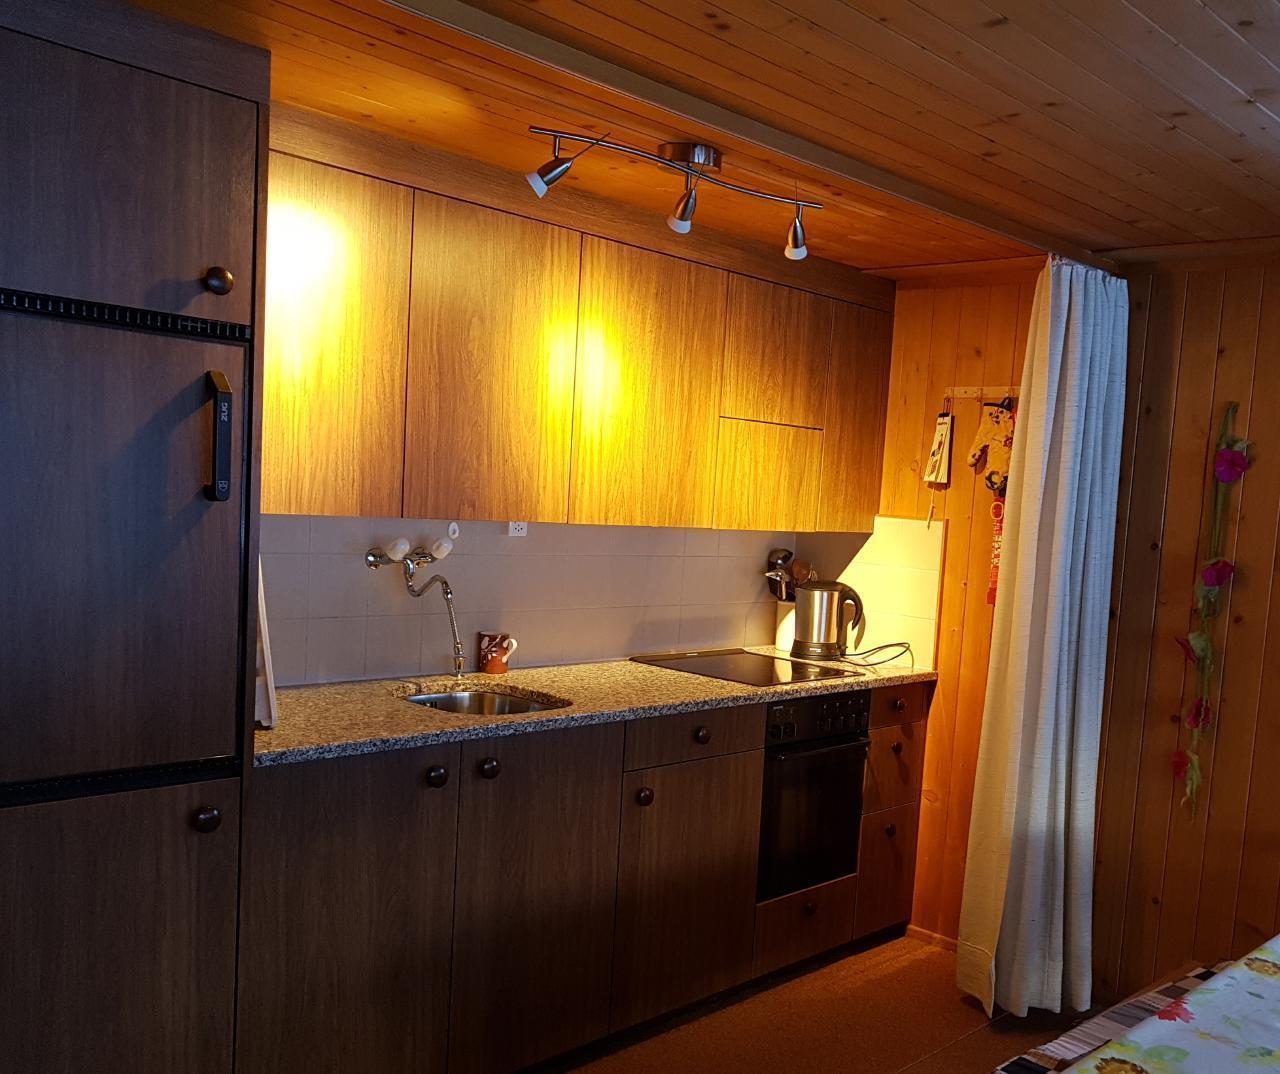 Ferienwohnung Chalet Domino 6-Bett -Wohnung (2350302), Lenk im Simmental, Simmental, Berner Oberland, Schweiz, Bild 9